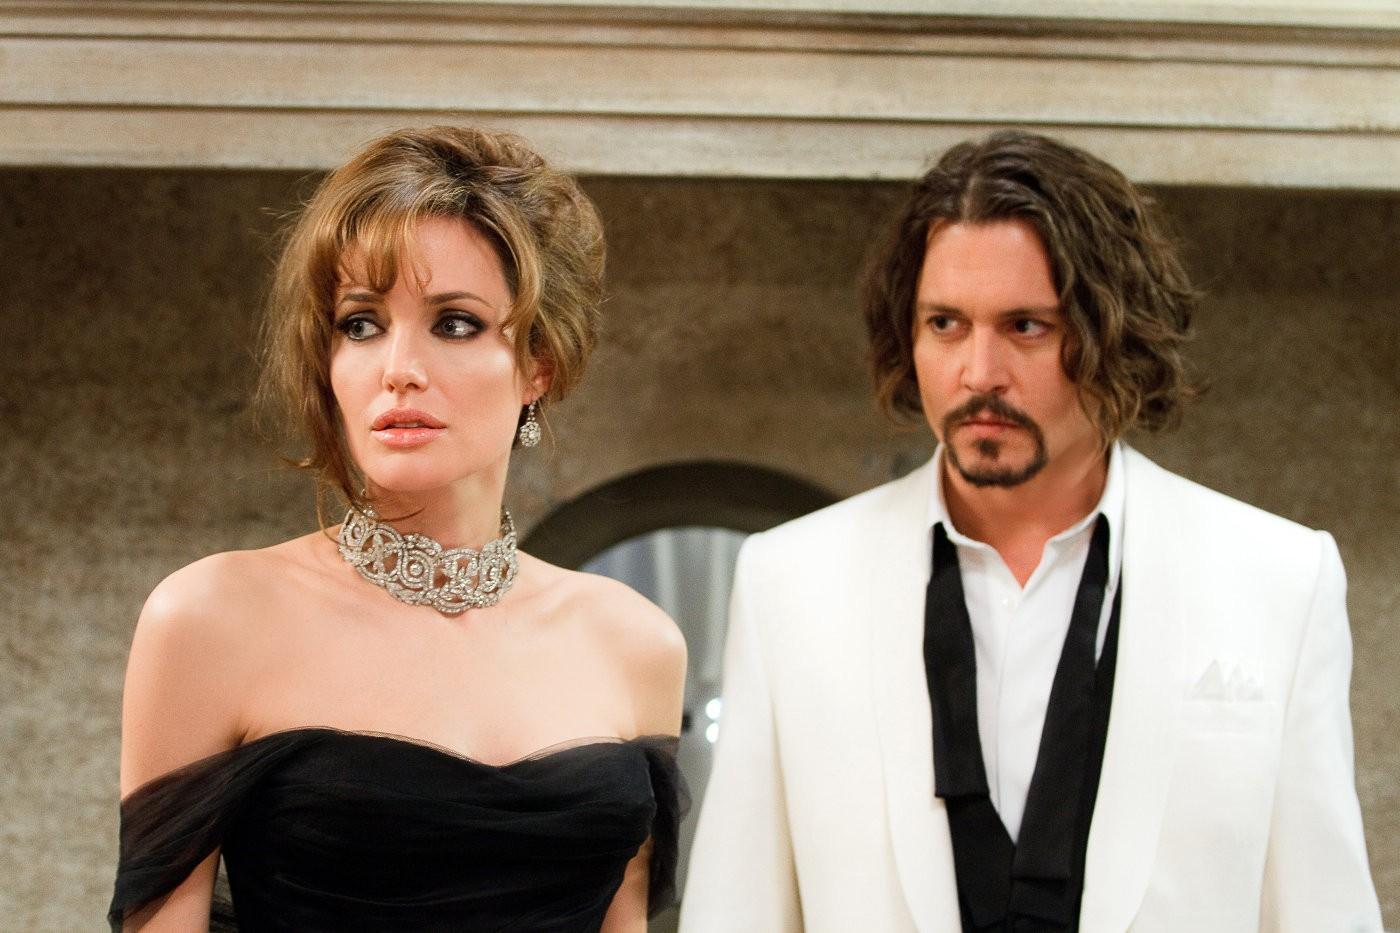 Ly hôn Brad Pitt chưa được bao lâu, Angelina Jolie đã đề nghị Johnny Depp đến sống chung? - Ảnh 1.